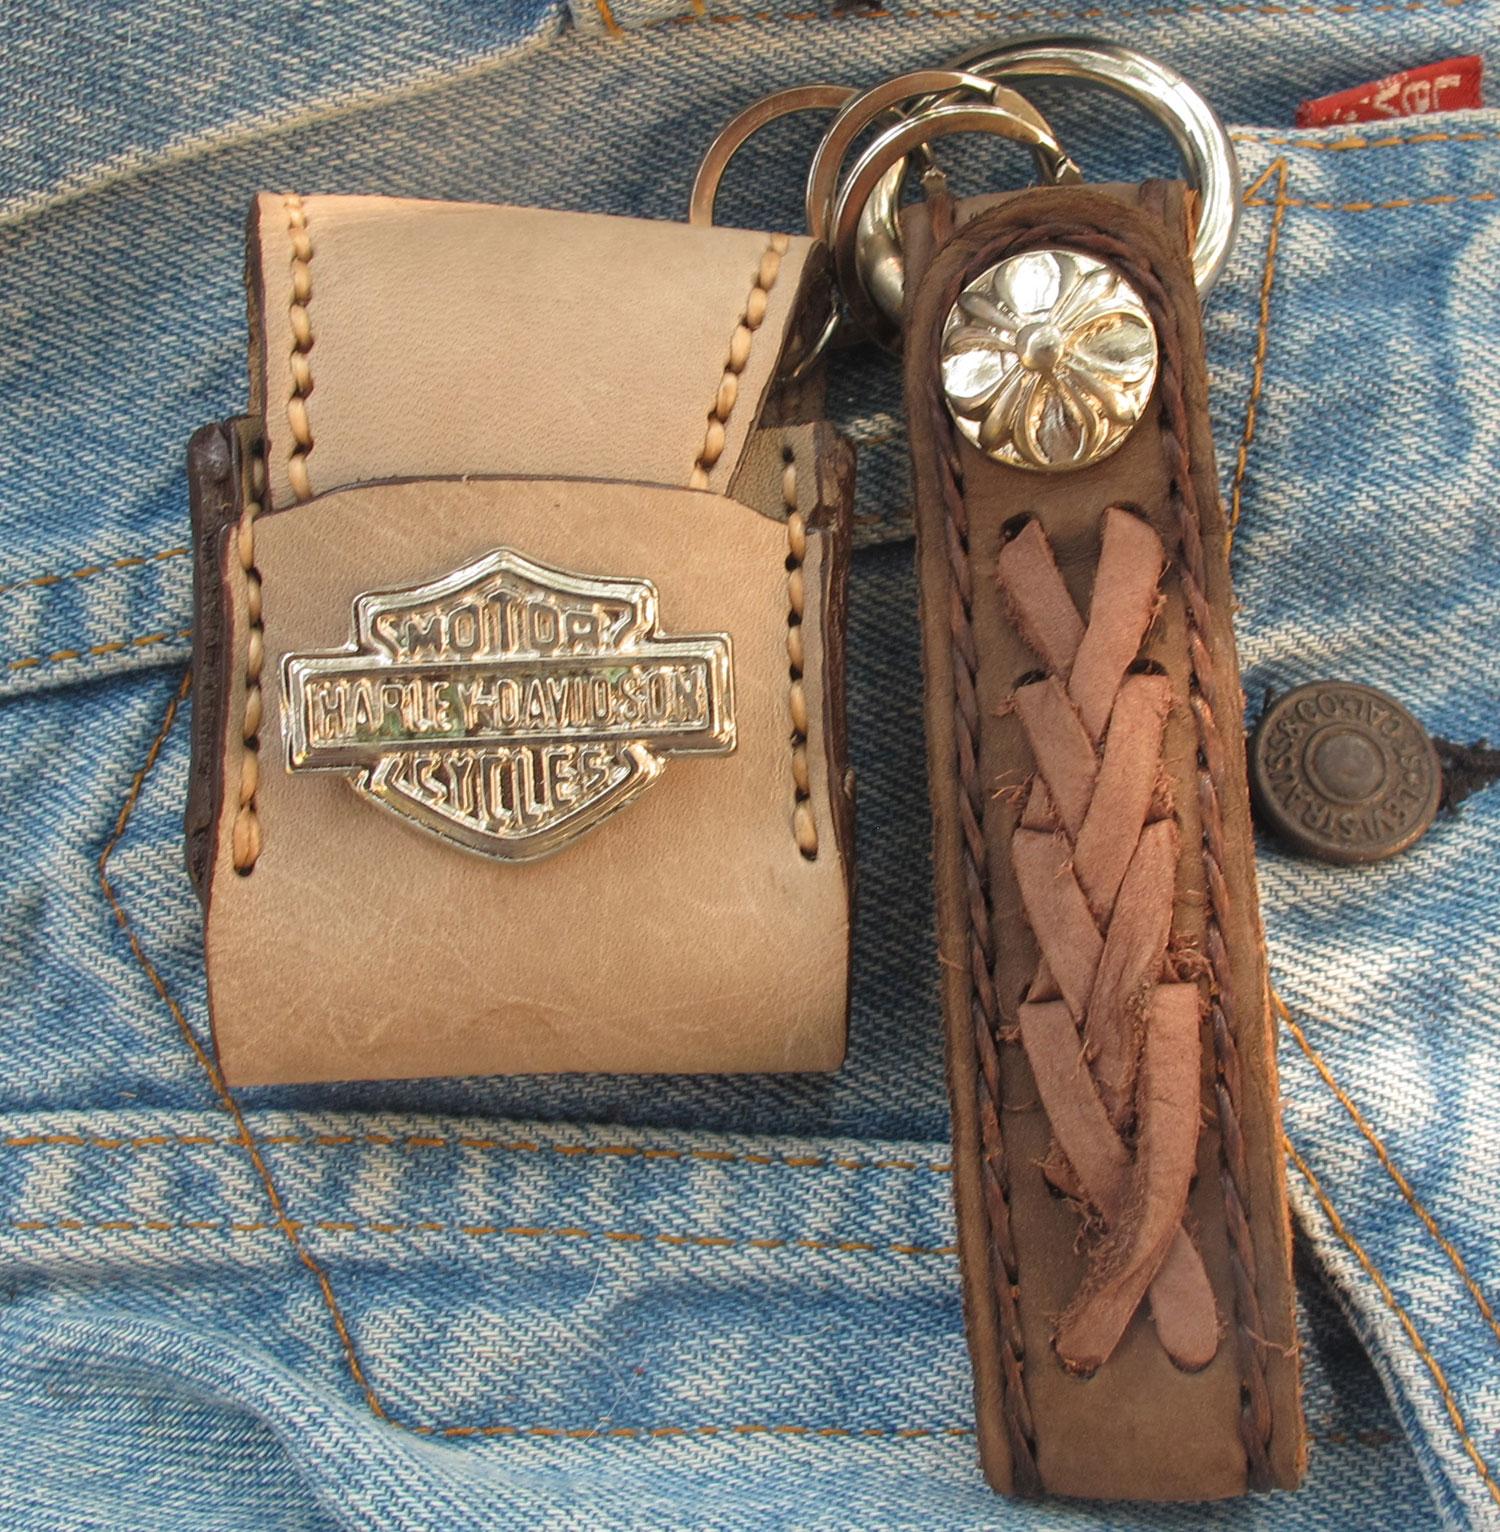 พวกกุญแจหนังวัวแท้ถัก + ซองใส่ ไฟเช็ค ( ฟรี ! ไฟเช็ค )